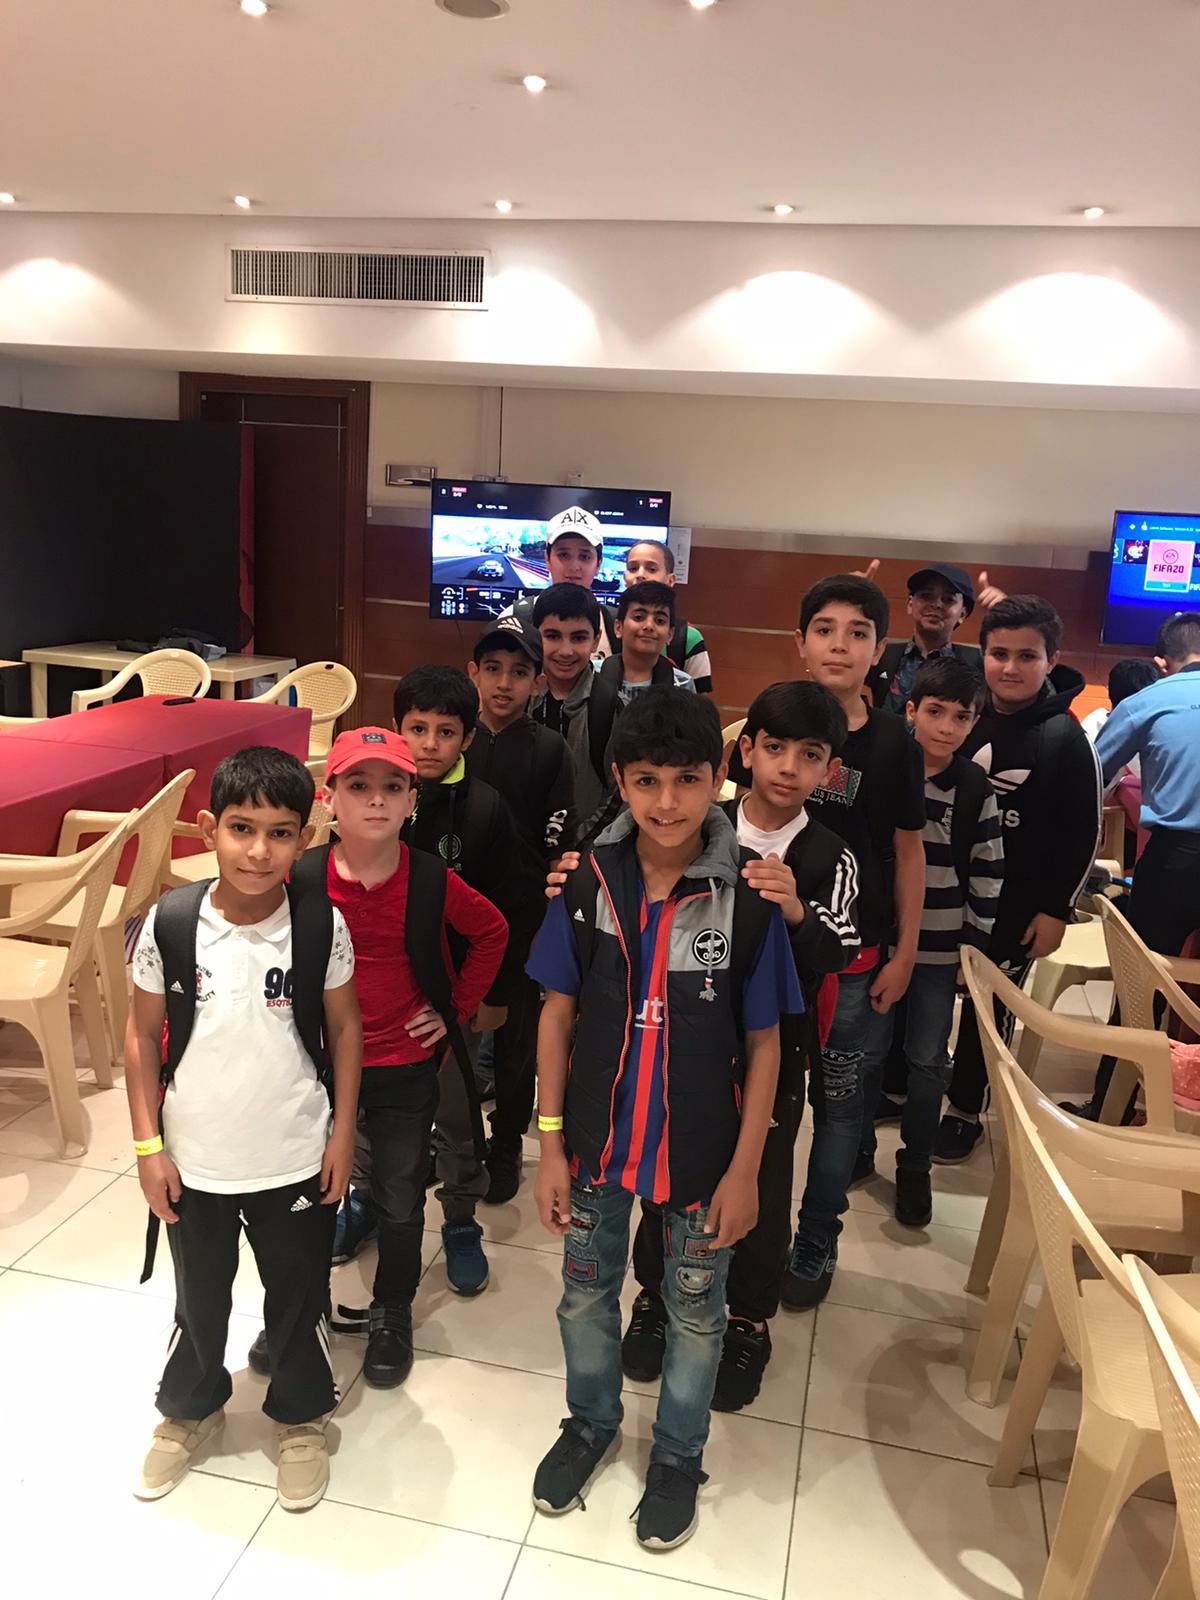 مشاركة الطلاب في فعاليات كرة القدم في ملاعب قطر